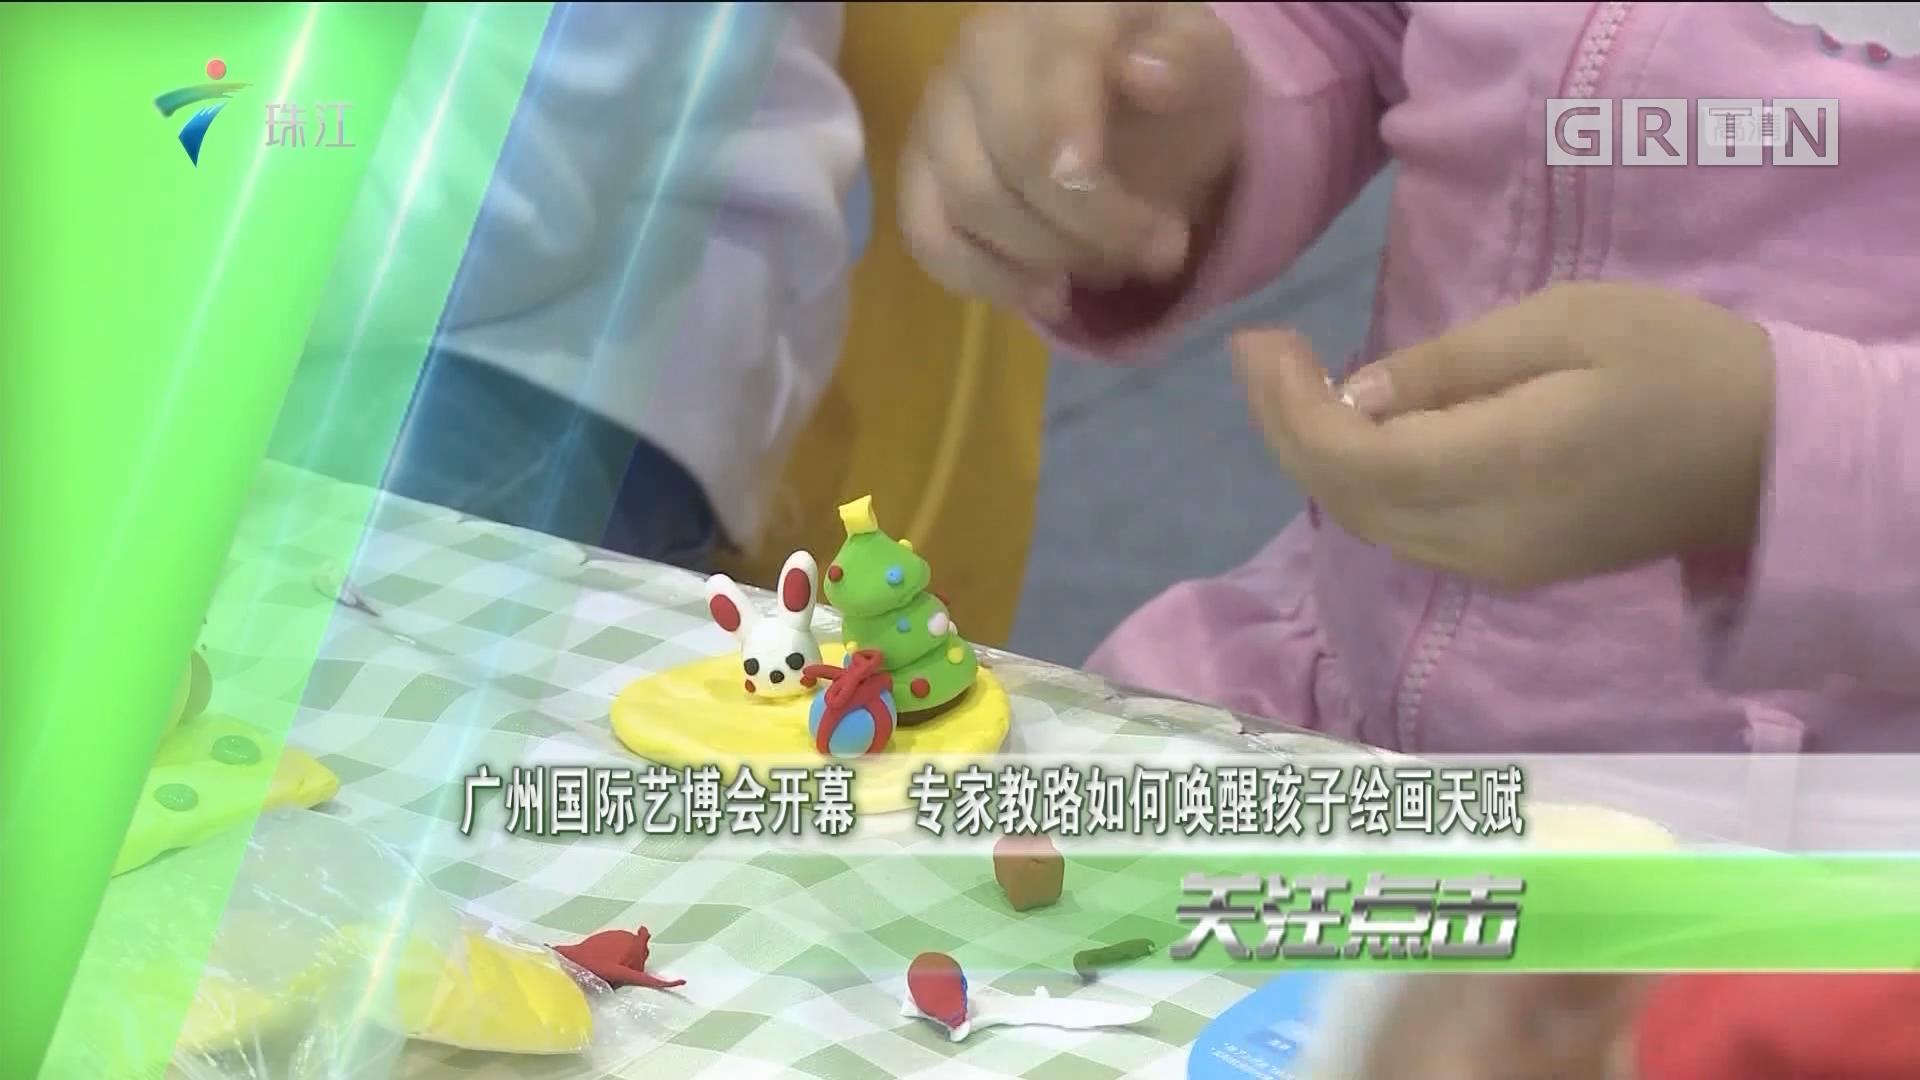 广州国际艺博会开幕 专家教路如何唤醒孩子绘画天赋